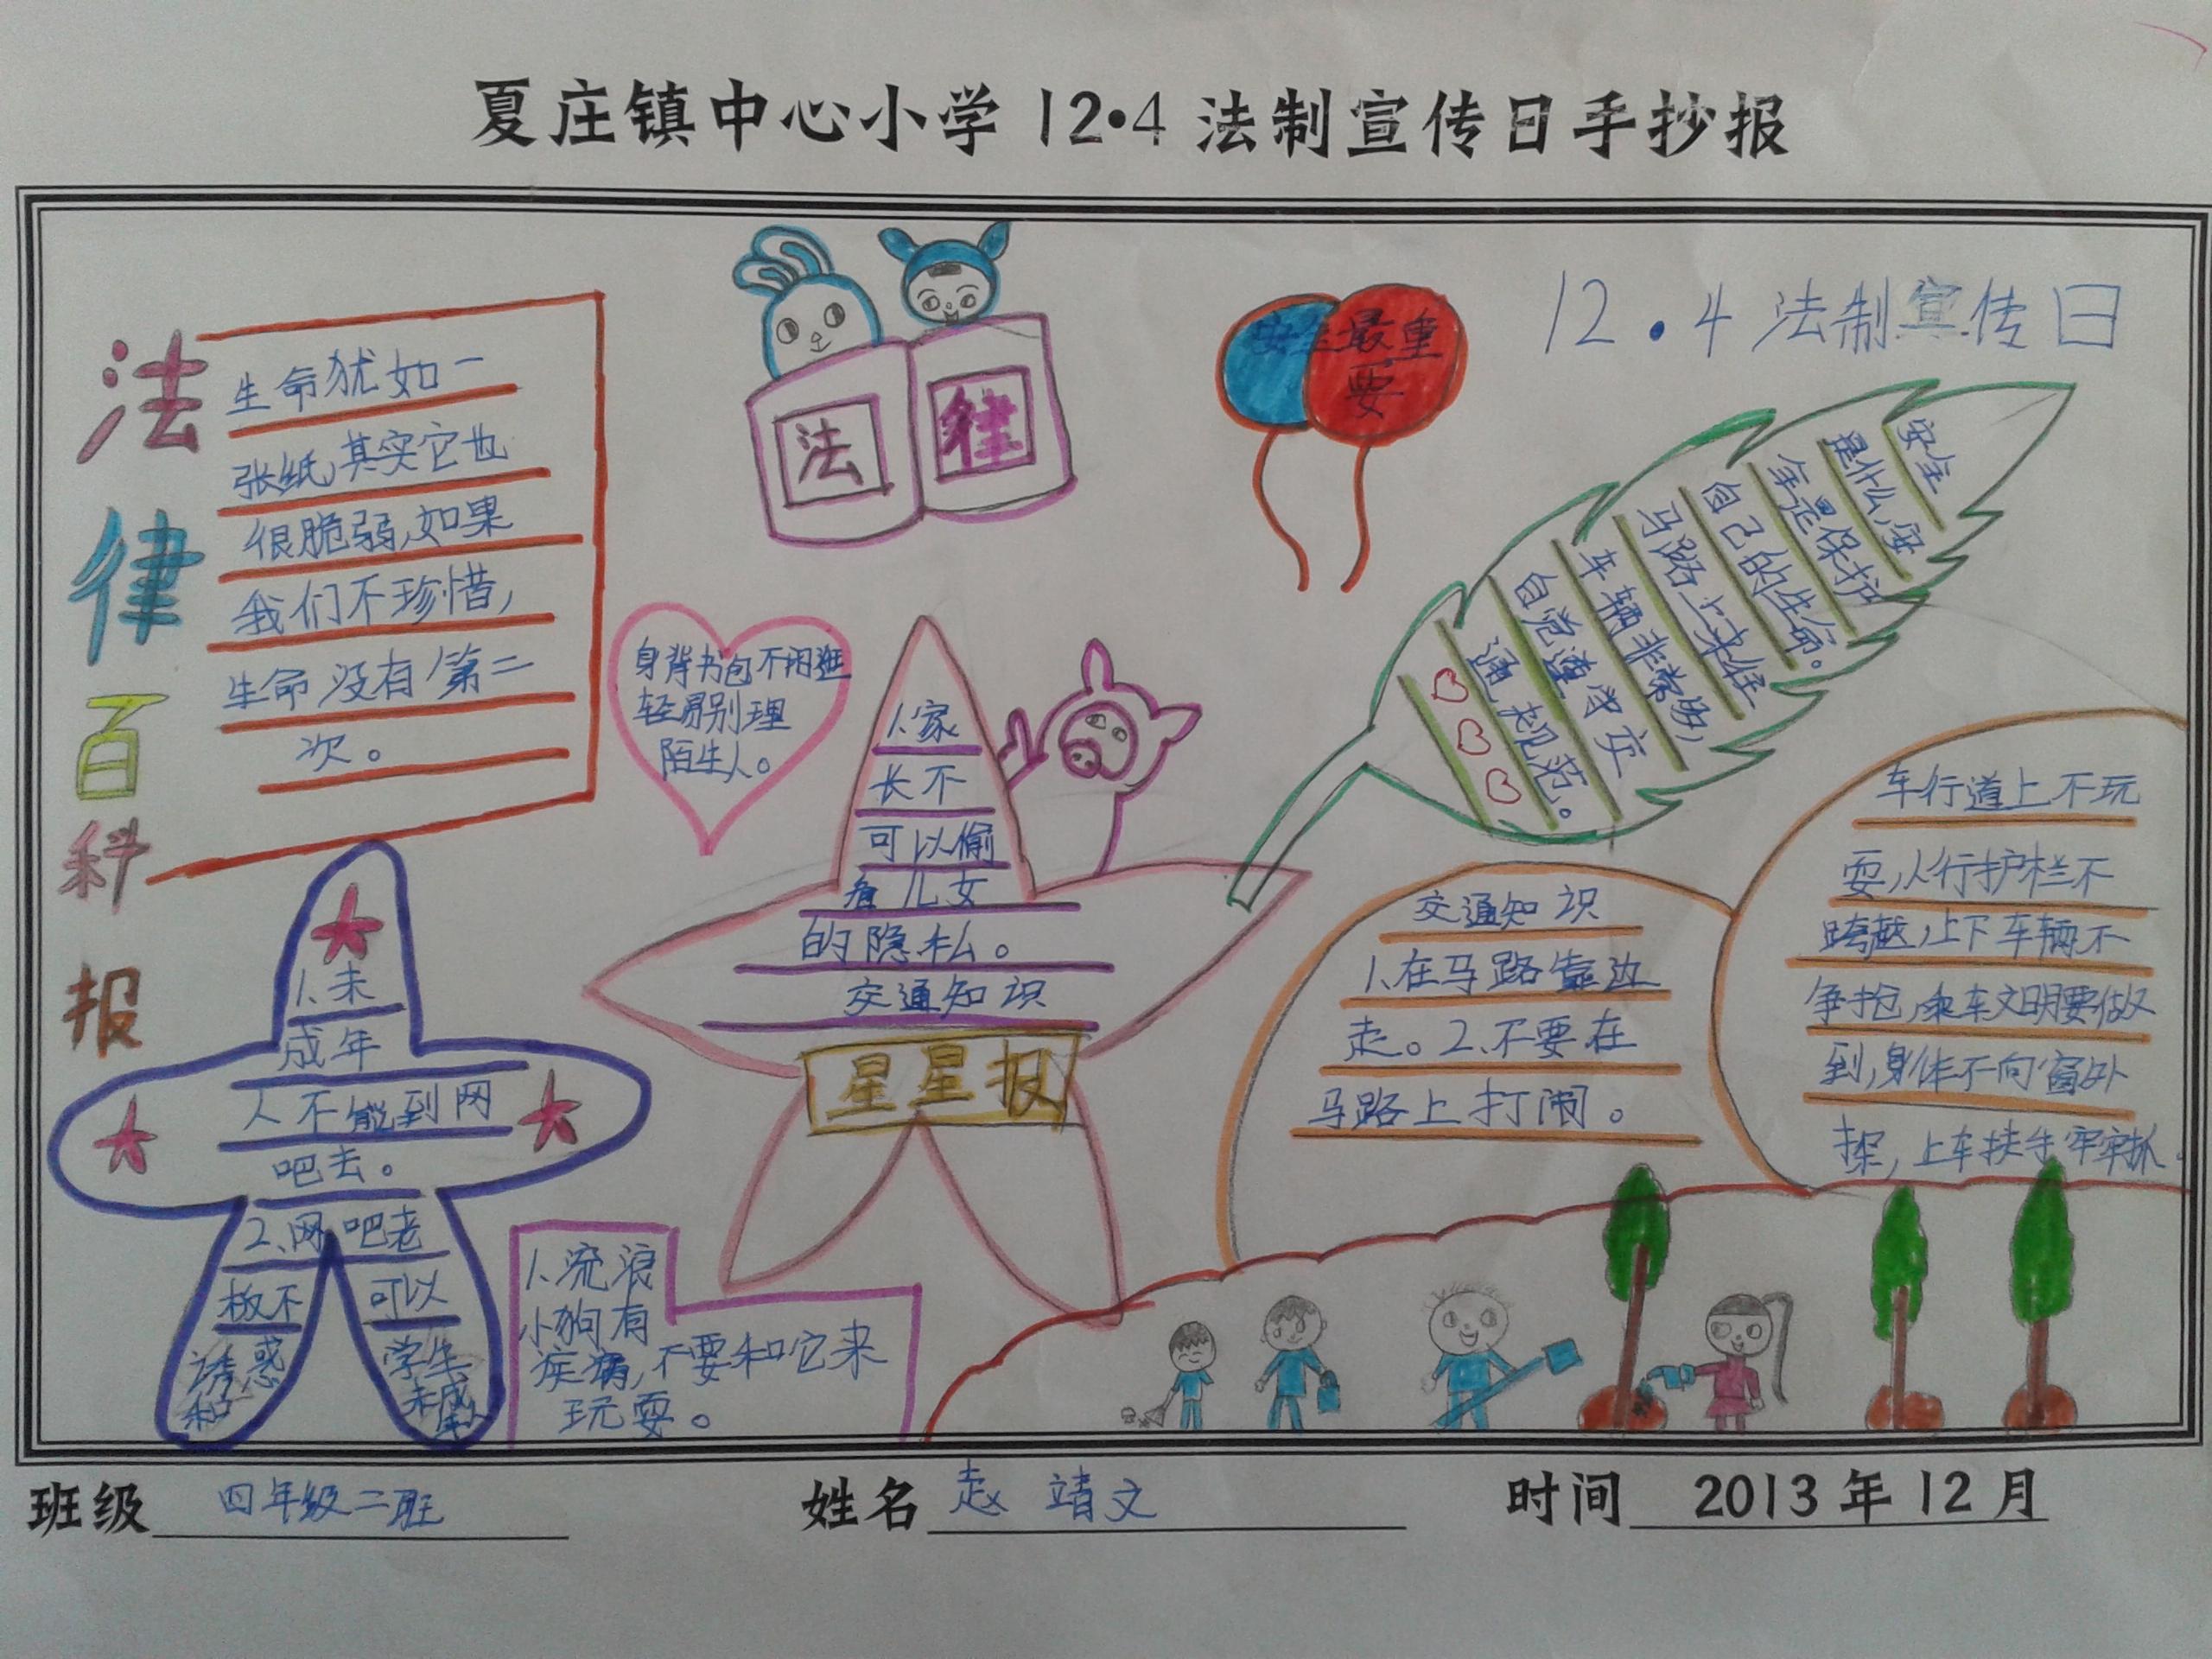 12.4法制教育手抄报